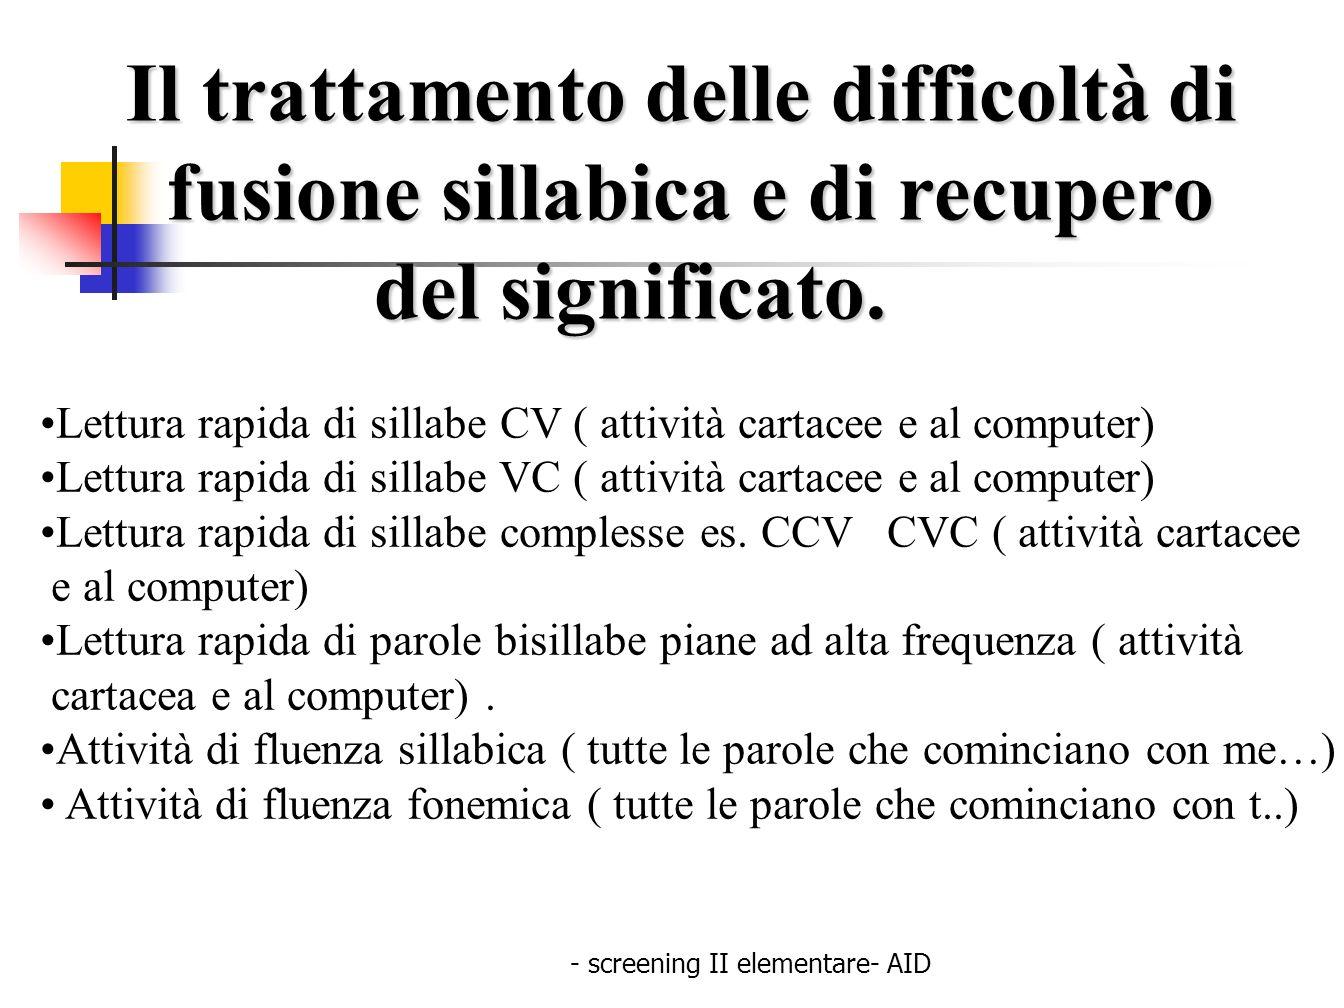 - screening II elementare- AID Il trattamento delle difficoltà di fusione sillabica e di recupero fusione sillabica e di recupero del significato. del